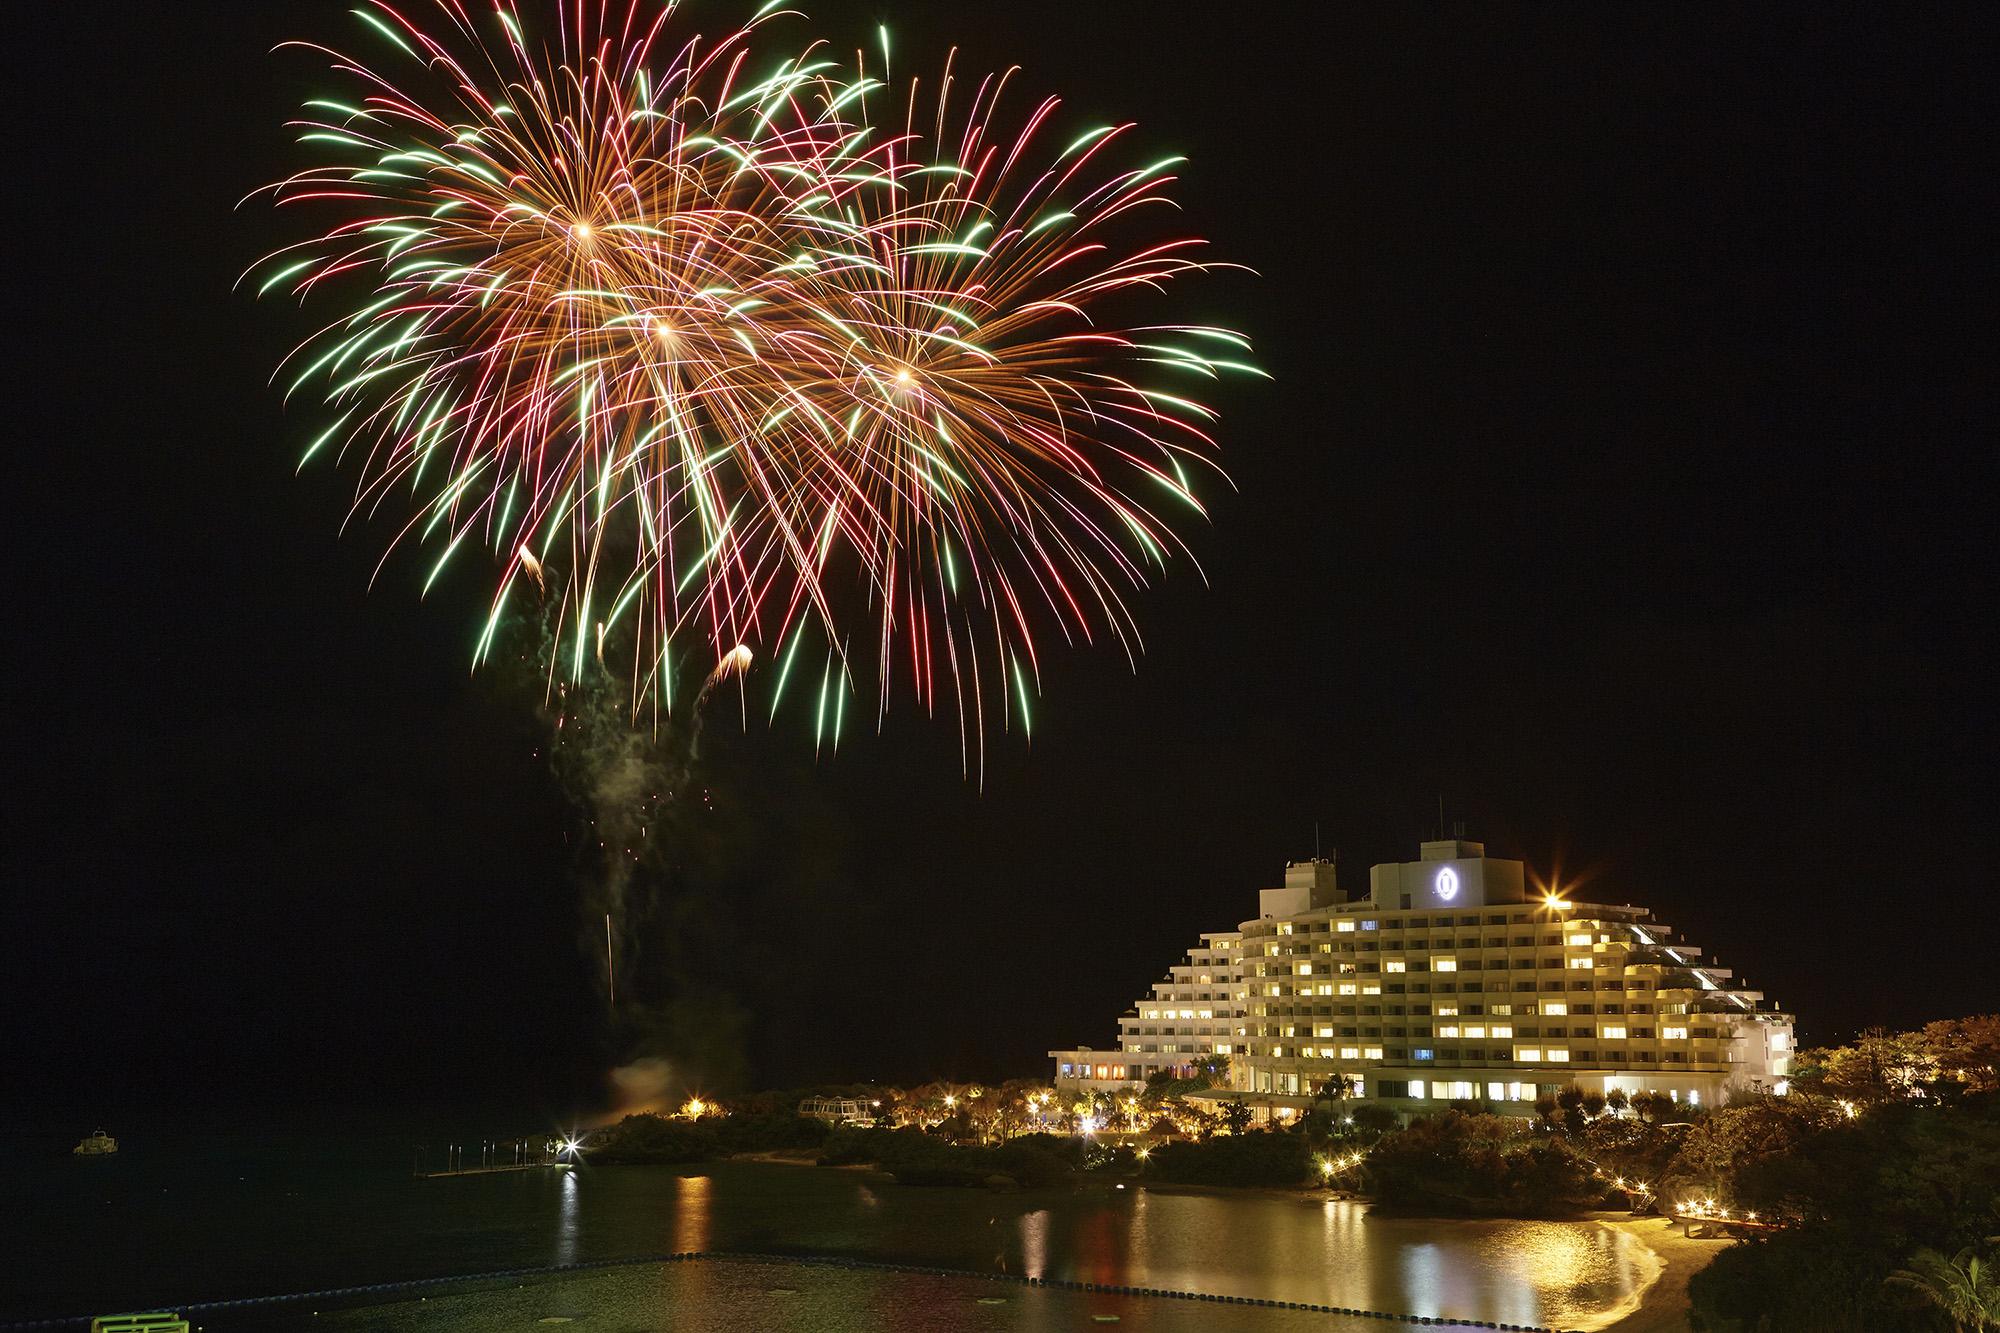 万座サマーイベント2017 ANAインターコンチネンタル万座ビーチで花火の打ち上げ